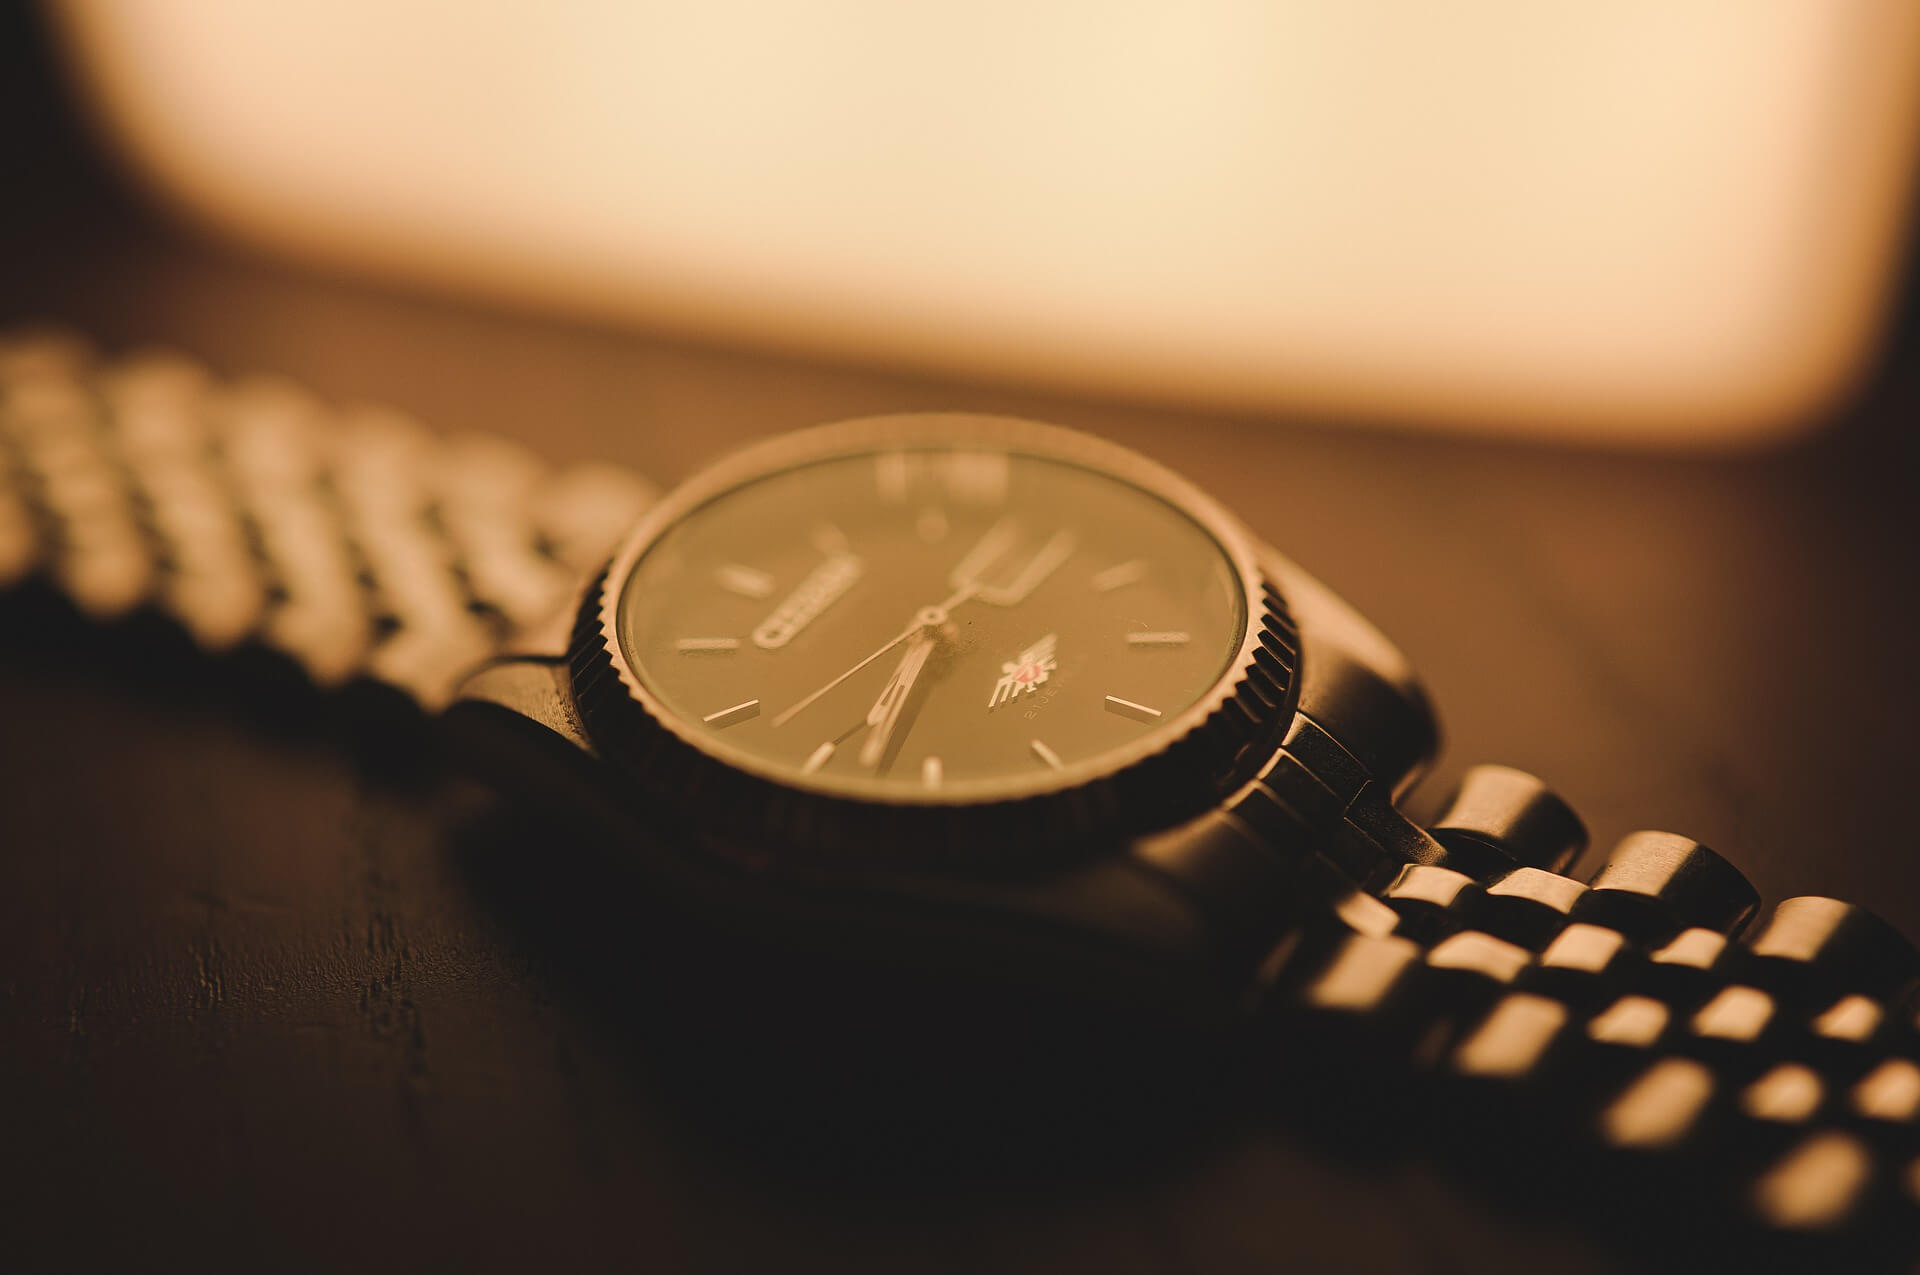 solar watches